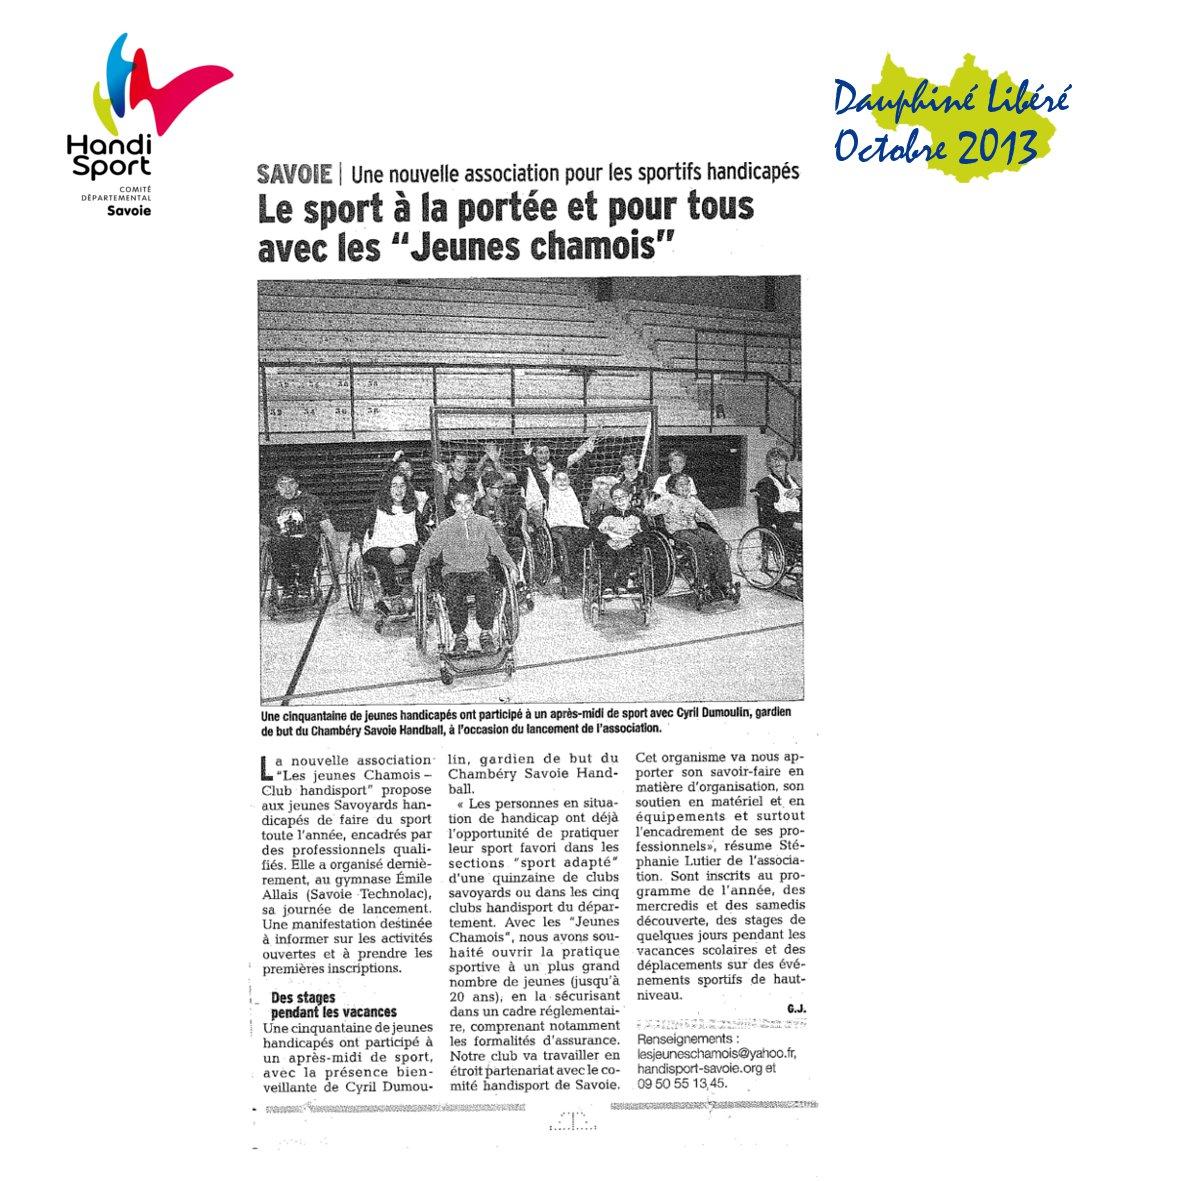 10.Article DL Octobre 2013